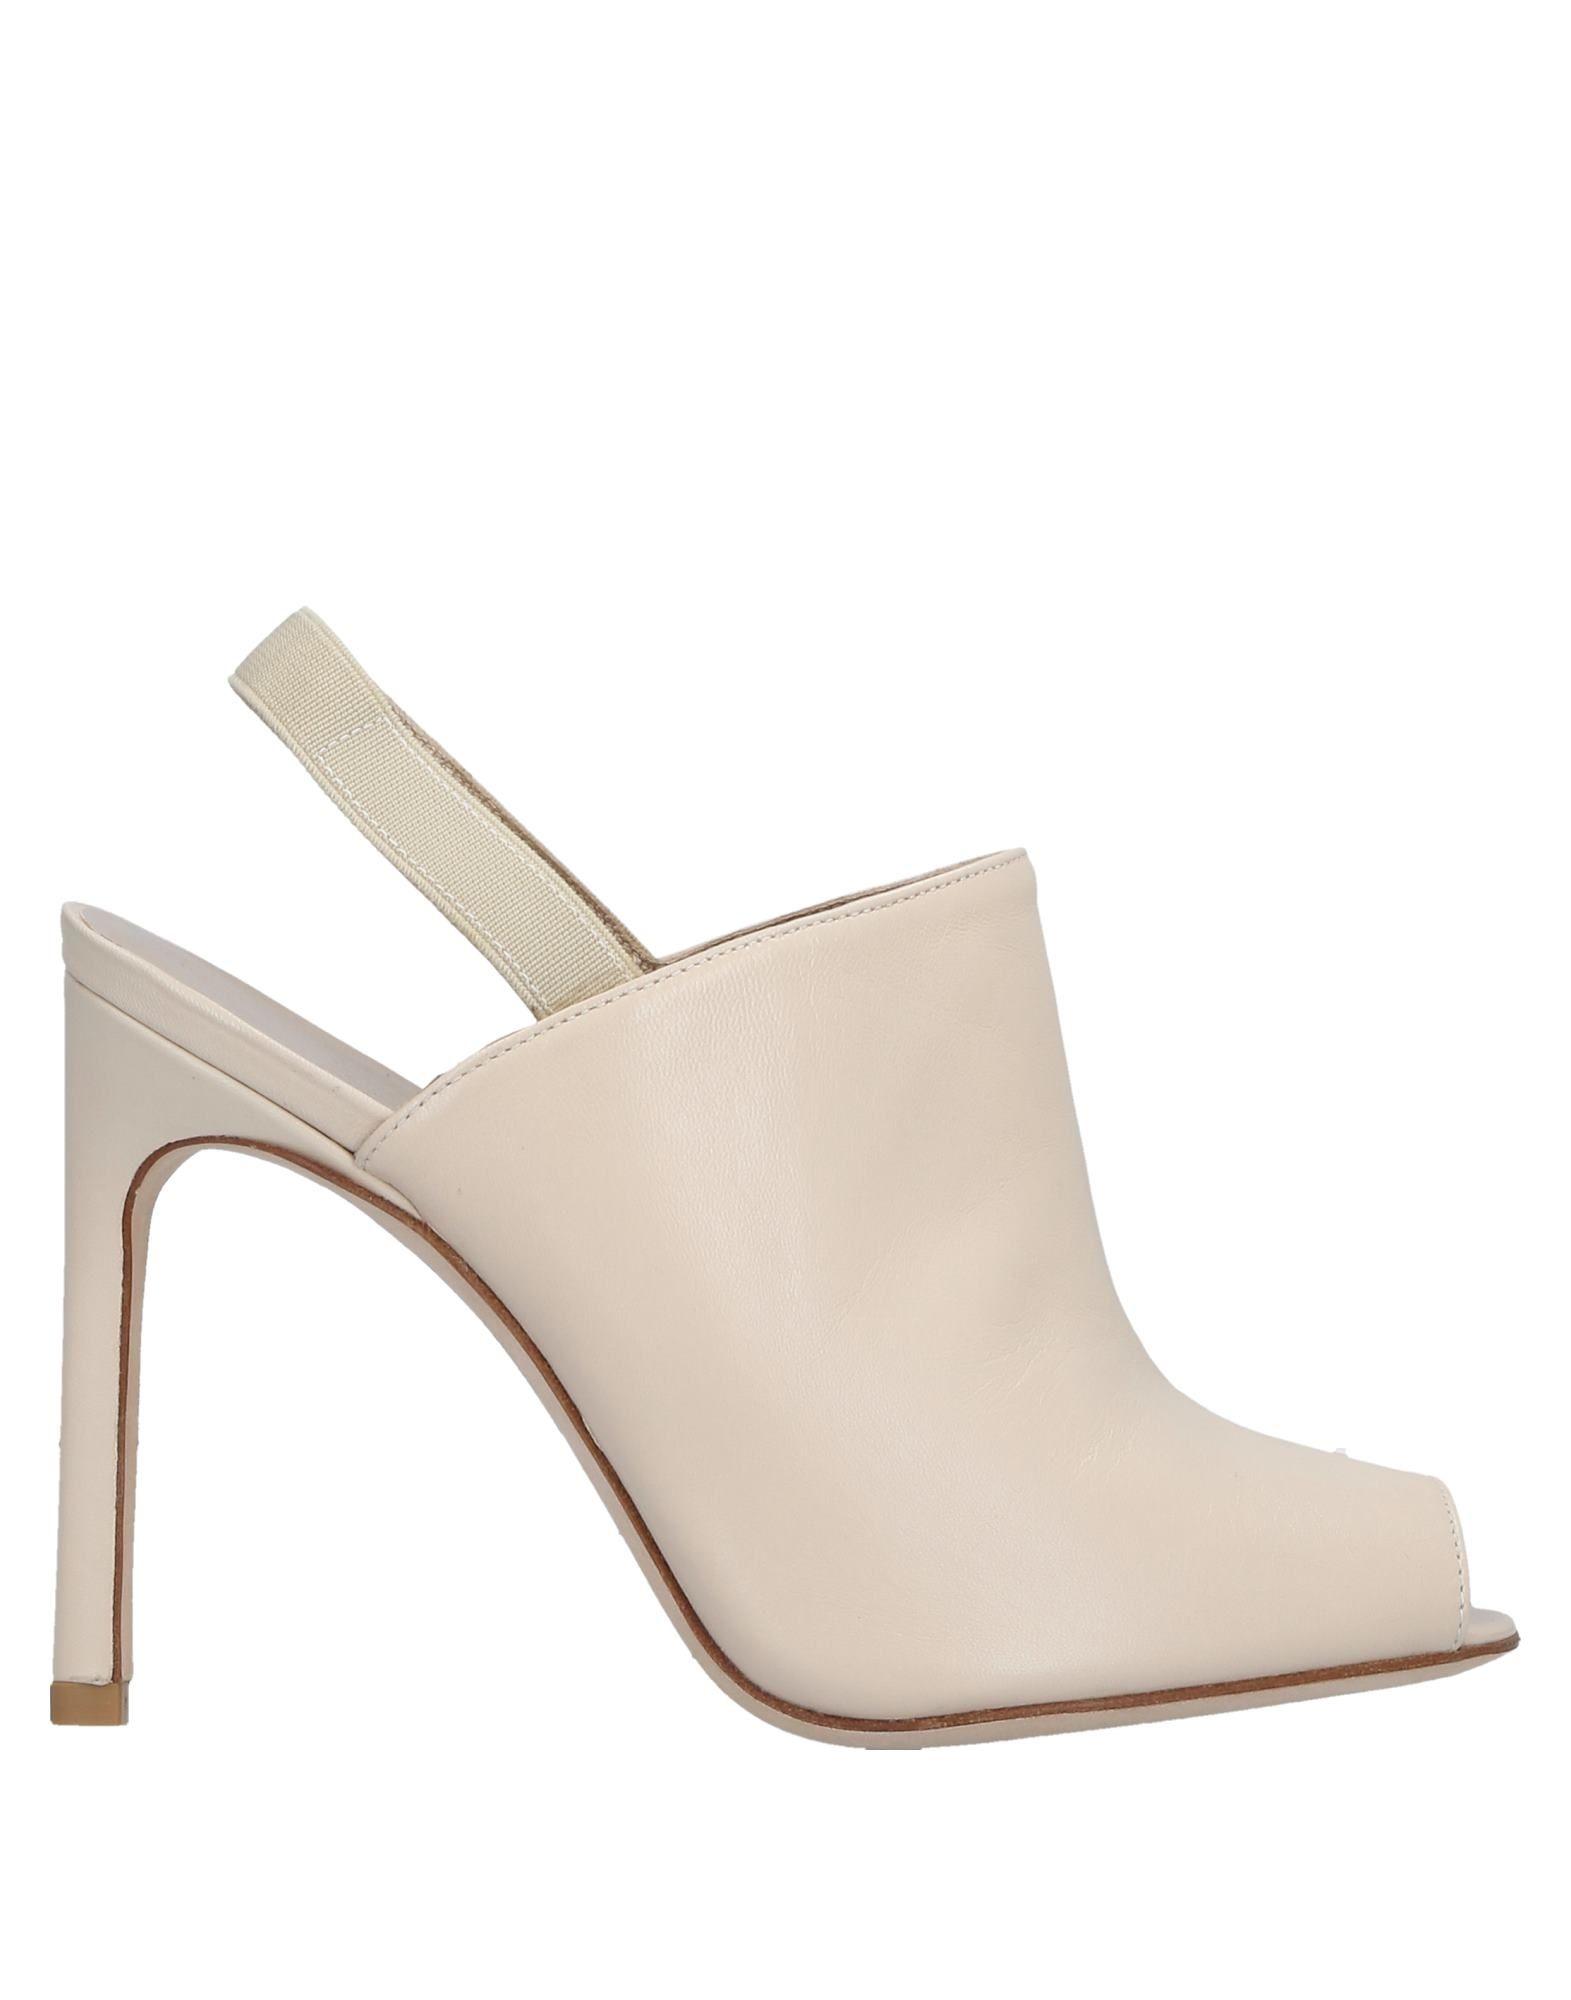 Stuart Weitzman Sandalen Damen  11104276NIGut aussehende strapazierfähige Schuhe